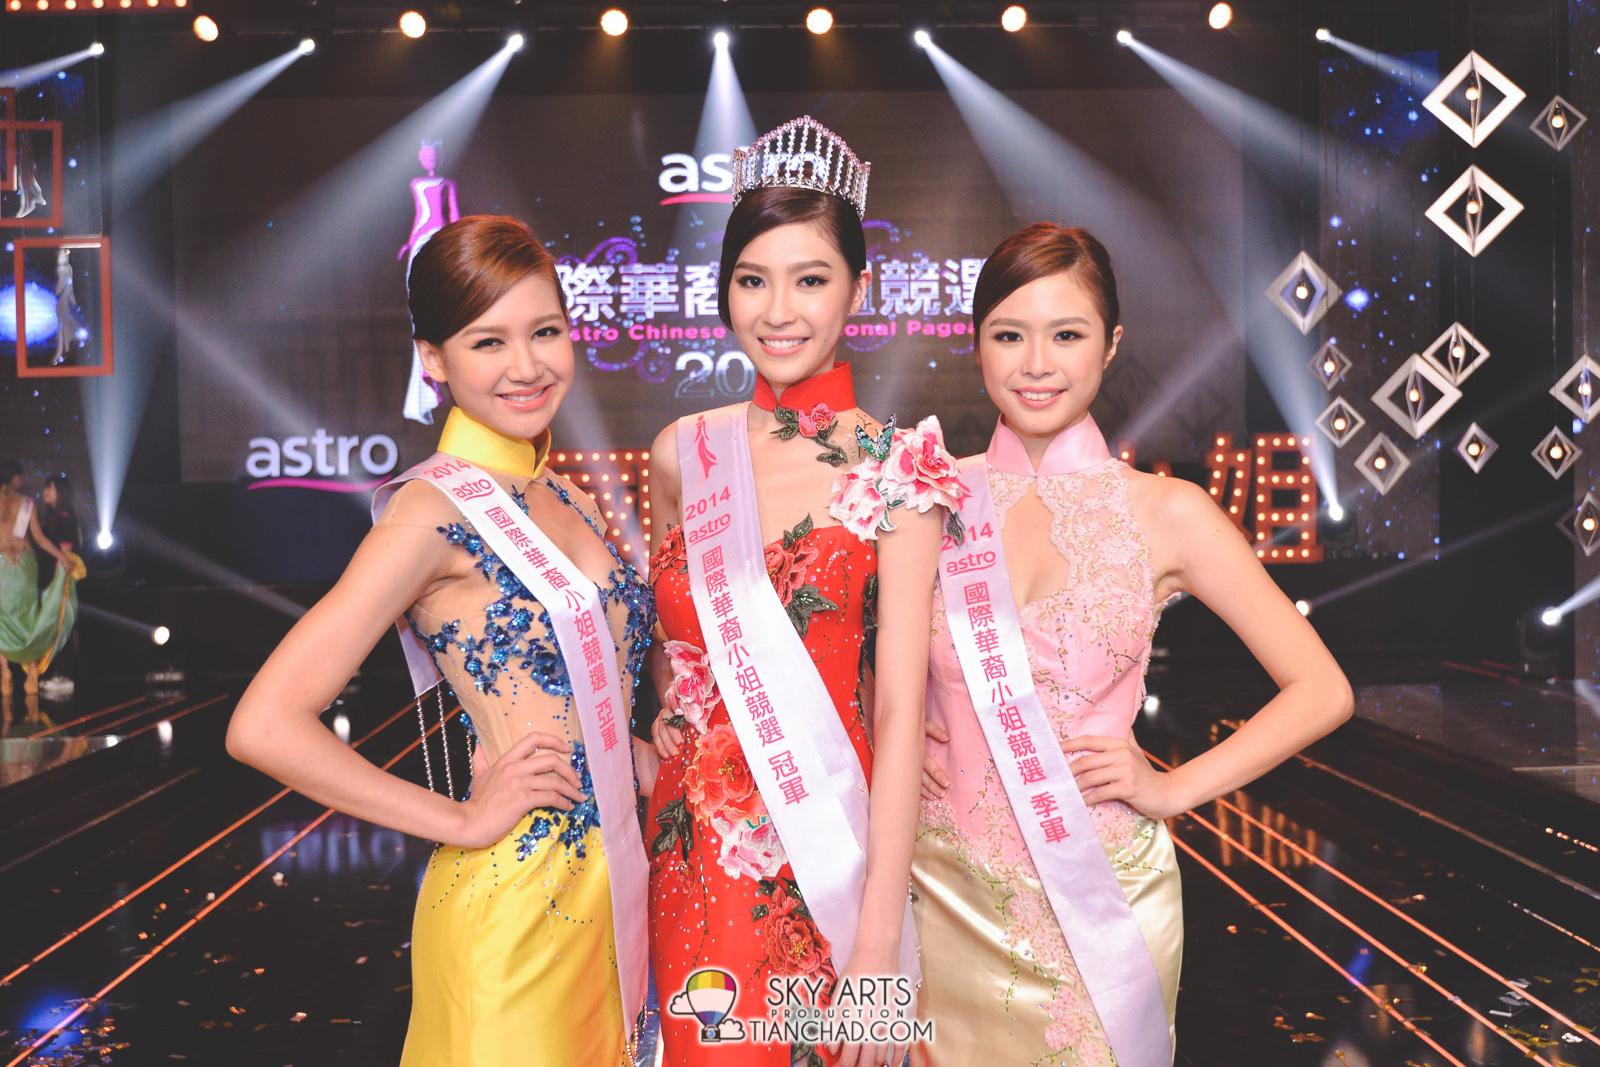 [左至右] Astro国际华裔小姐竞选2014 - 亚军Trisha郭秀文, 冠军Anjoe许愫恩与季军Grace钟欣燕